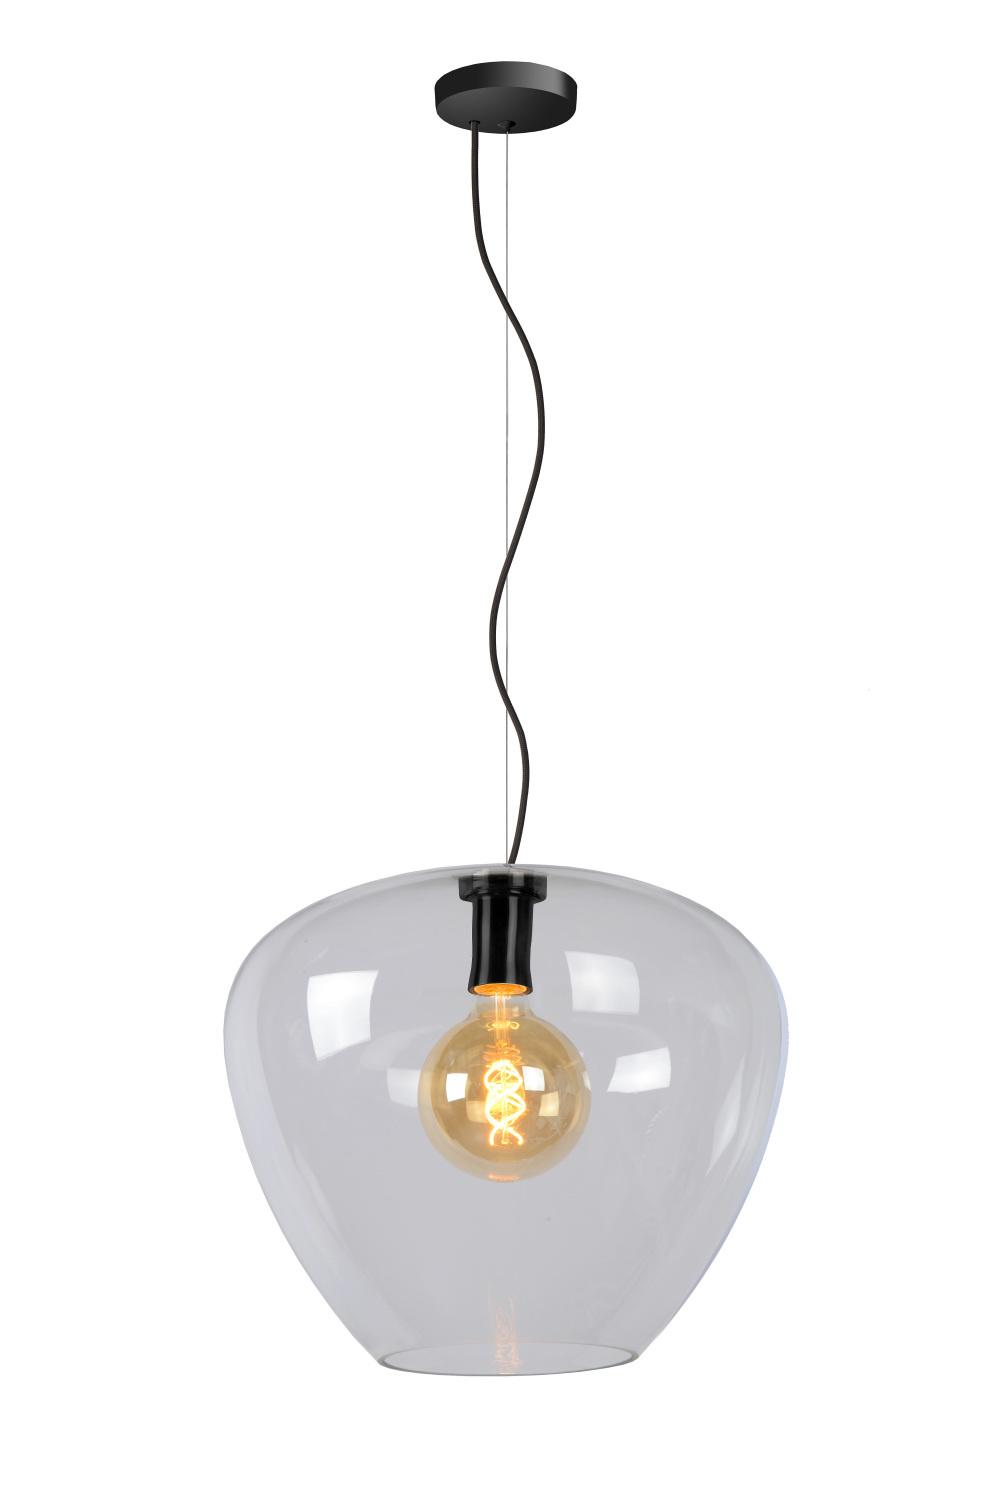 Lucide SOUFIAN Hanglamp-Transp.-Ø40-1xE27-60W-Glas